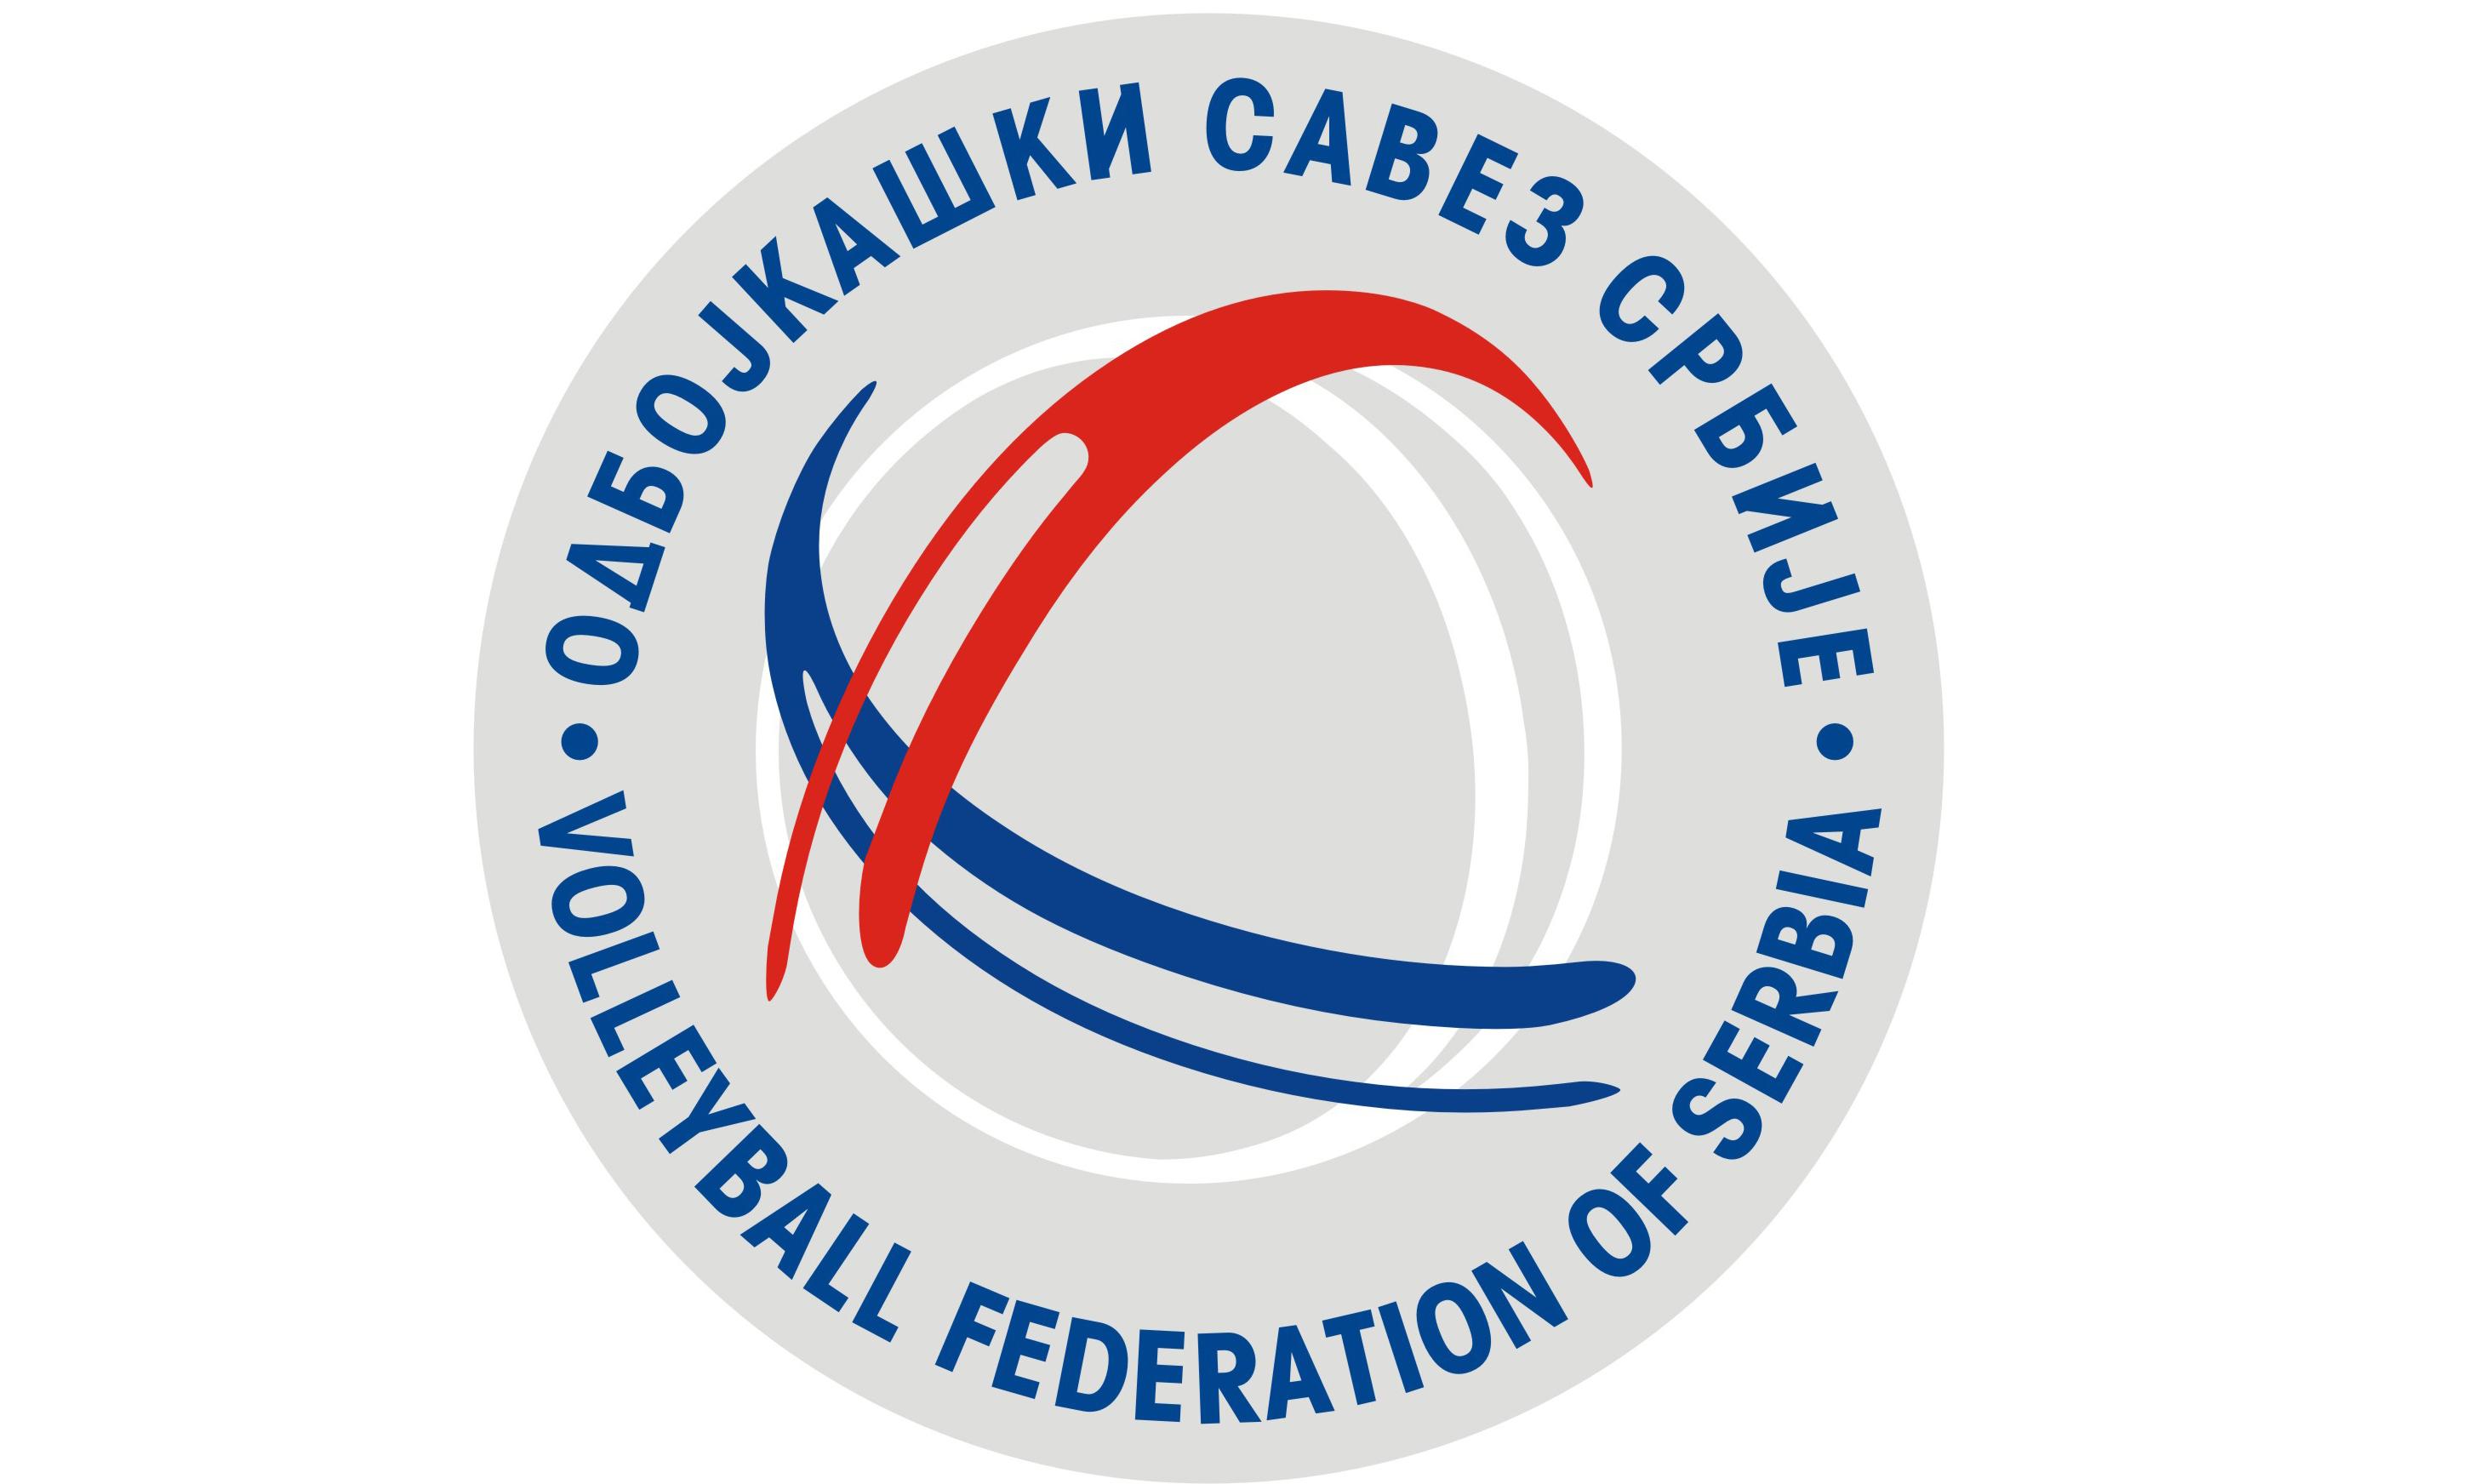 SENIORI – 56. KUP SRBIJE 2020/2021, Revanš u Kragujevcu 18. februara, u Kraljevu 21. februara